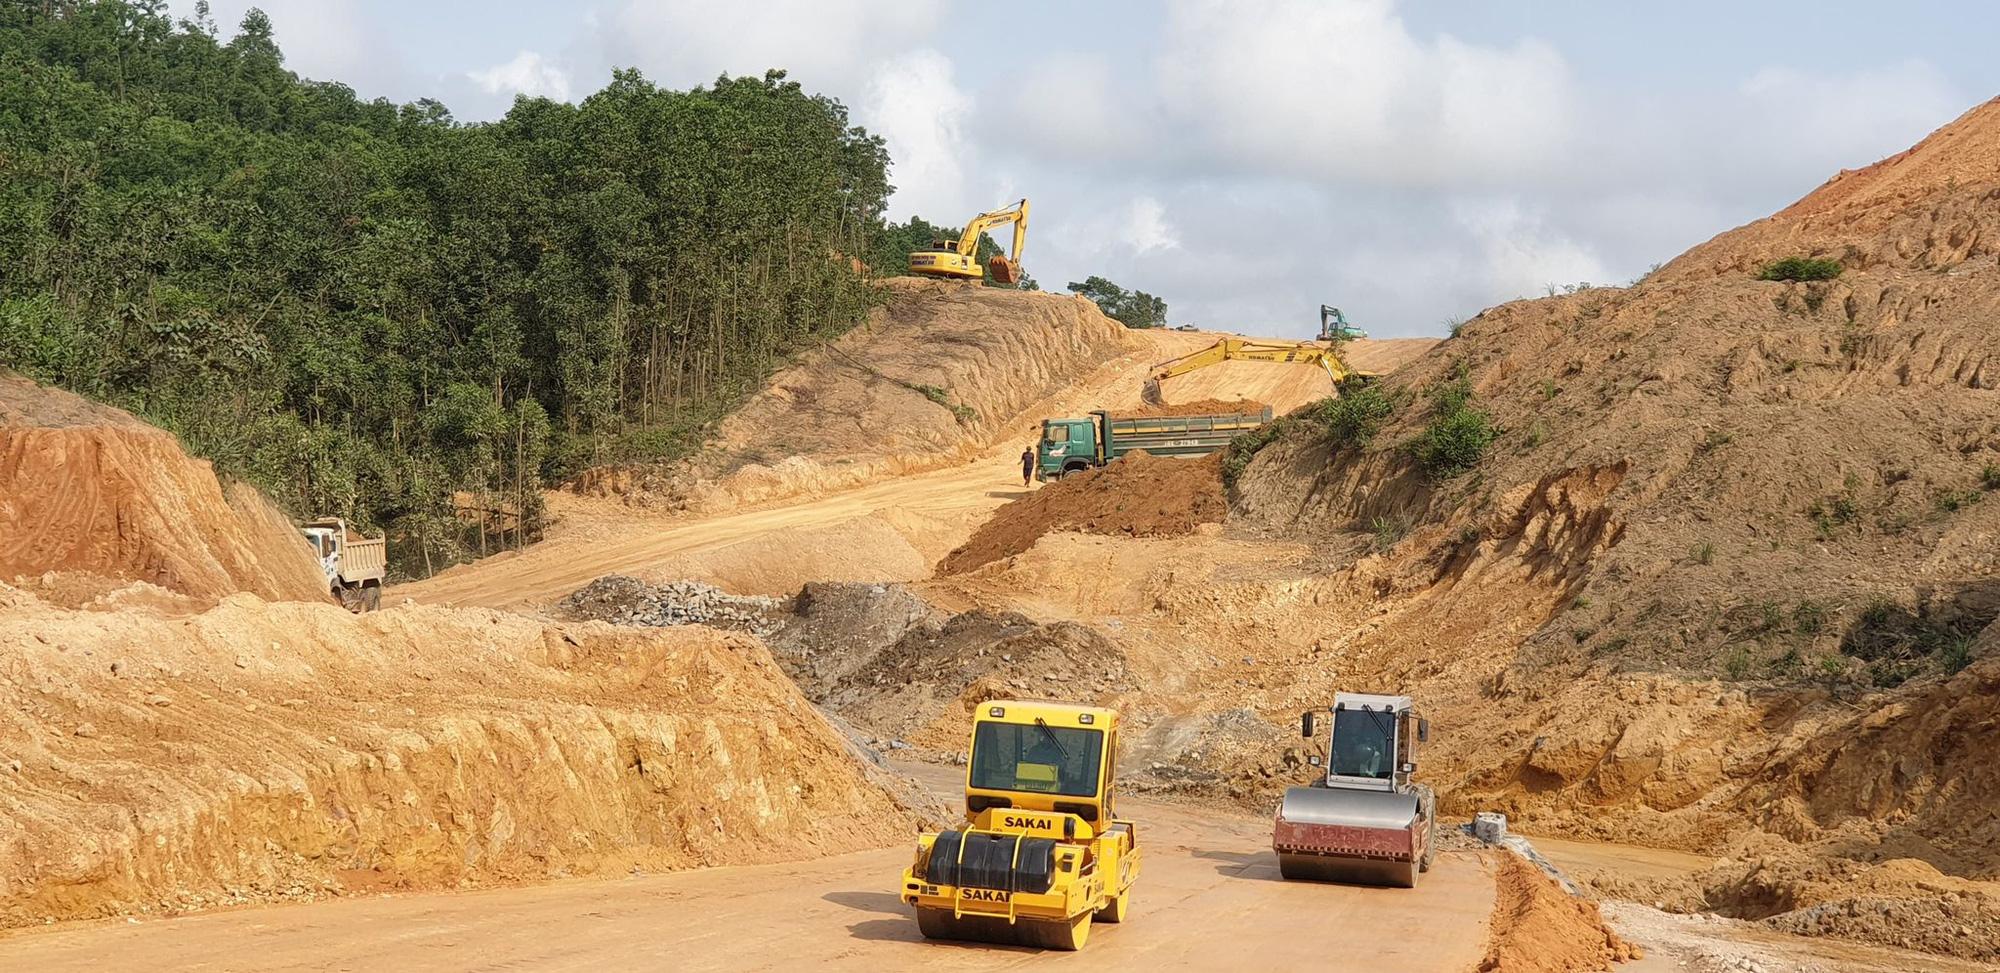 Cao tốc Cam Lộ - La Sơn đạt 40% tiến độ, có dấu hiệu chậm - Ảnh 1.